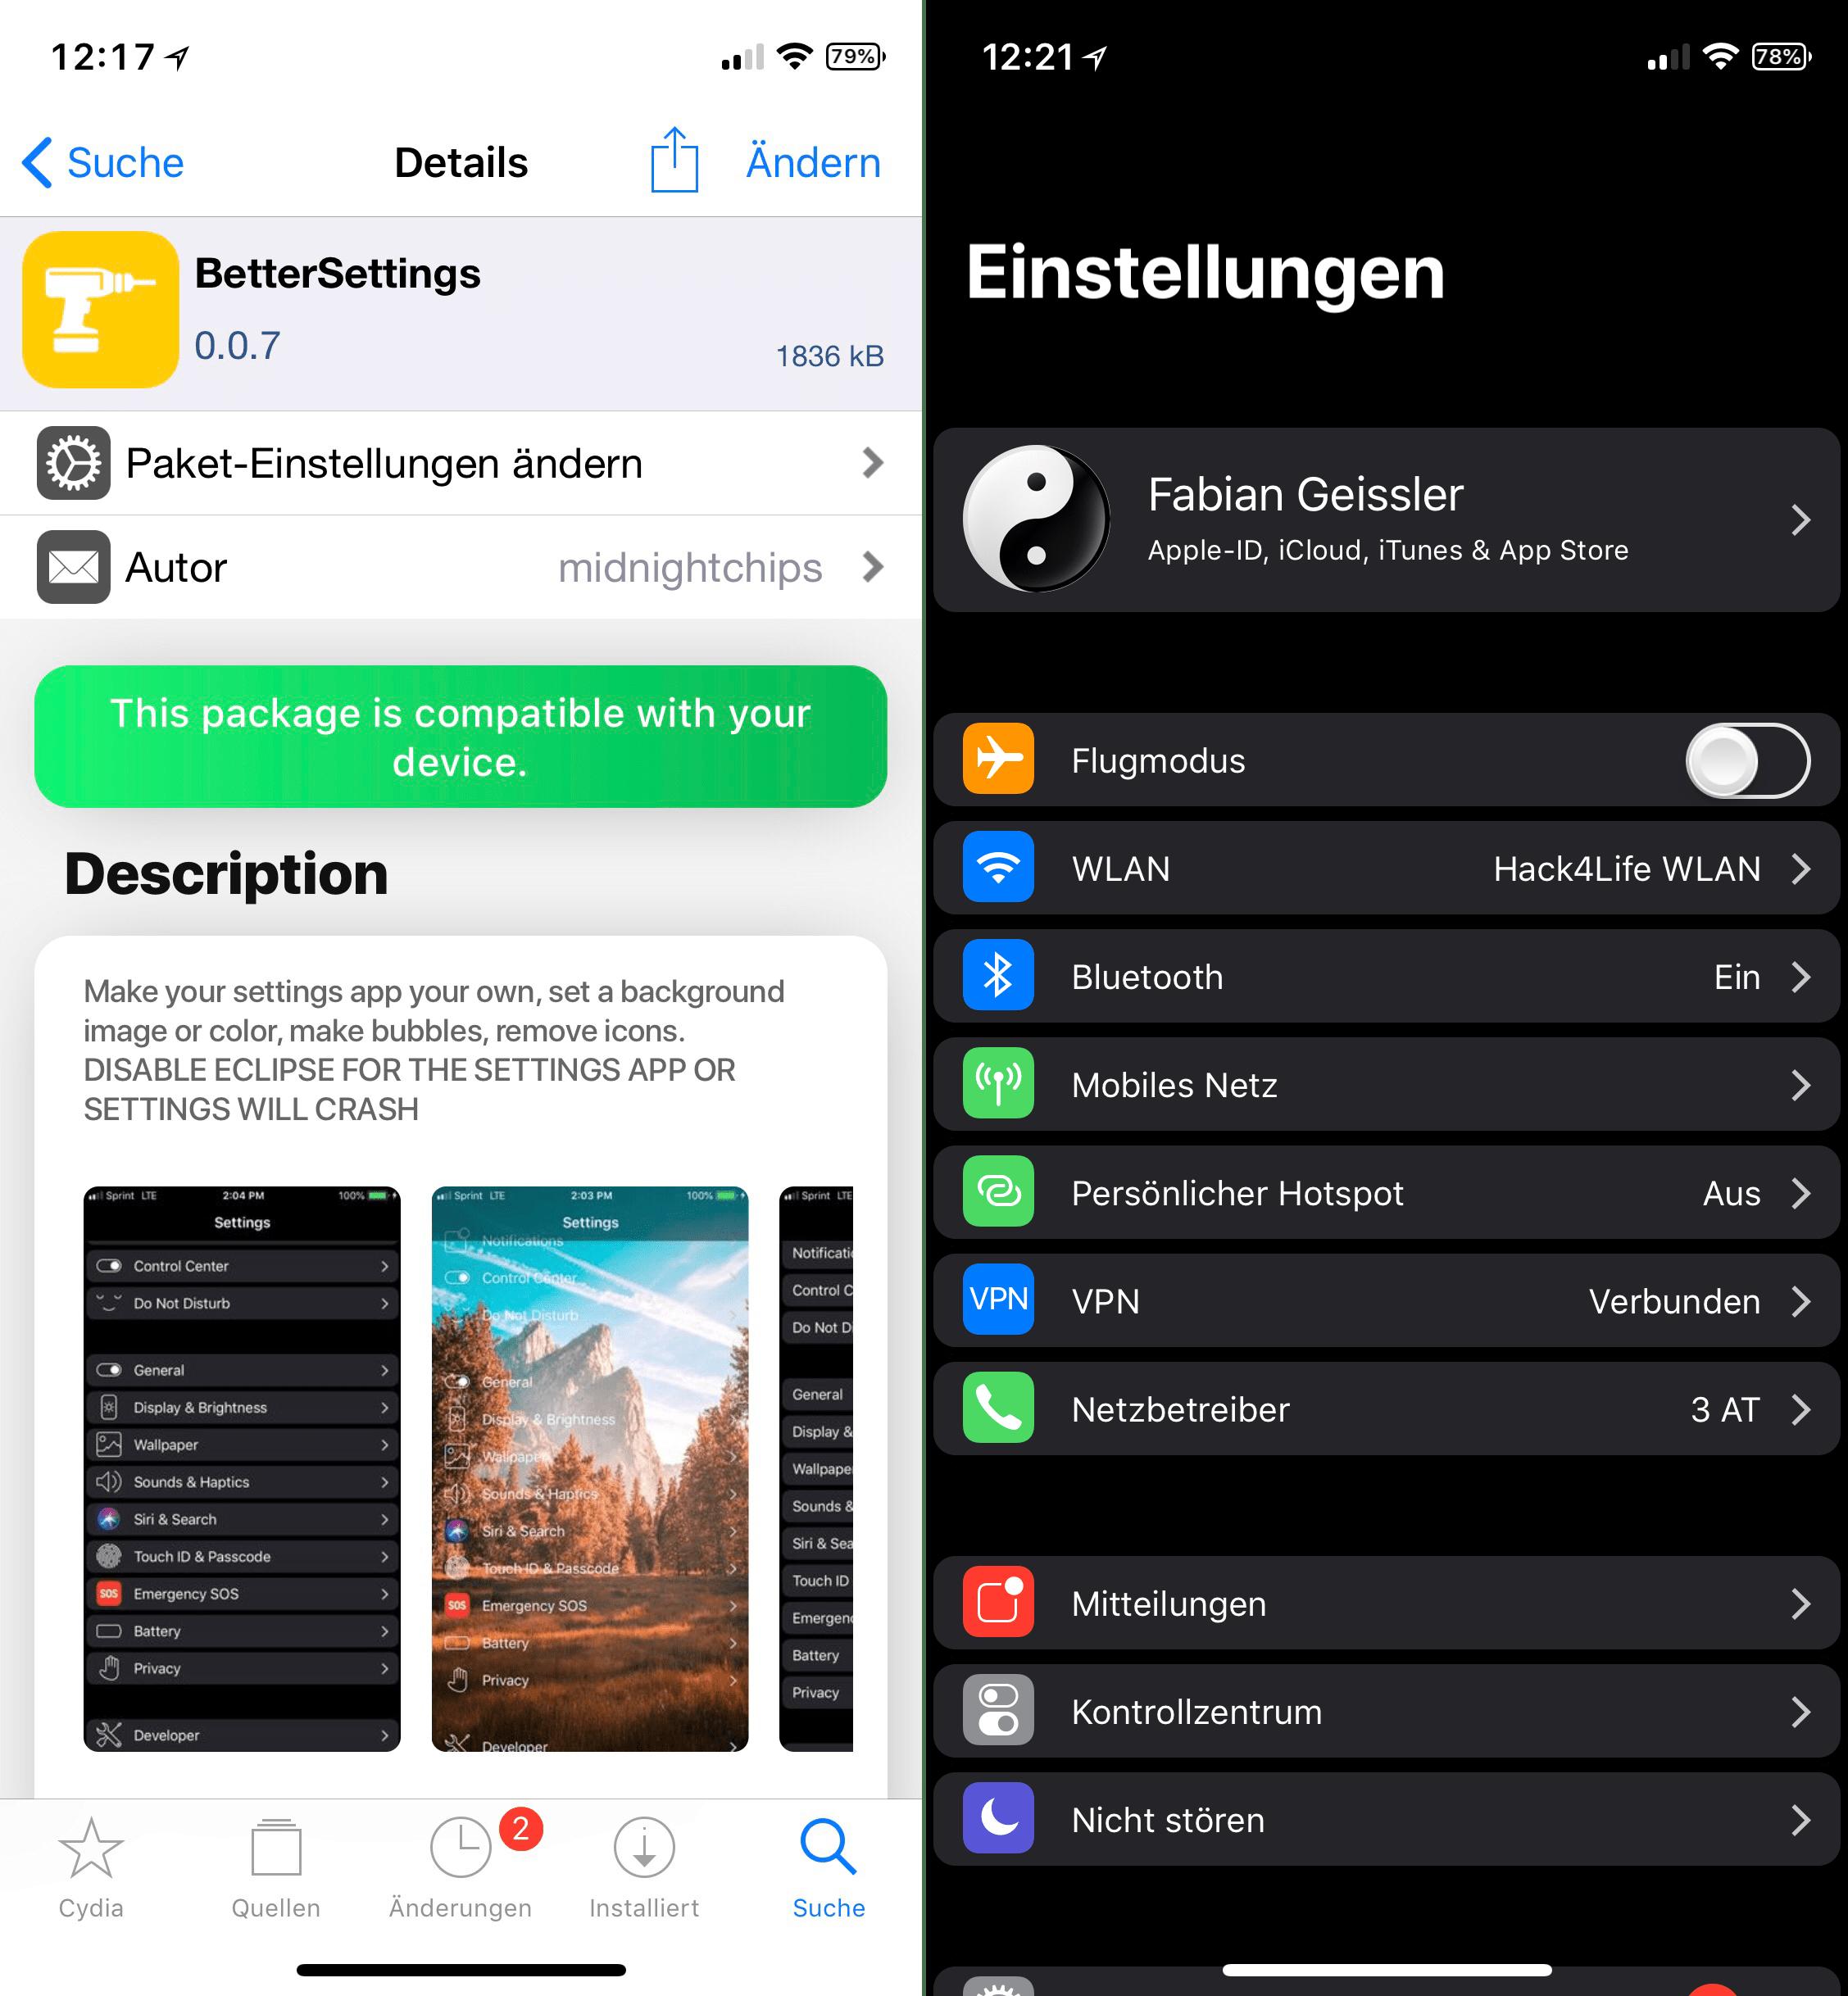 Neuer Look für die Einstellungen, BetterSettings, iOS 11, Top, Cydia, Tweak, Review, Anleitung, free, kostenlos, download, Hack4Life, Fabian Geissler, Hintergrundbild für die Einstellungen